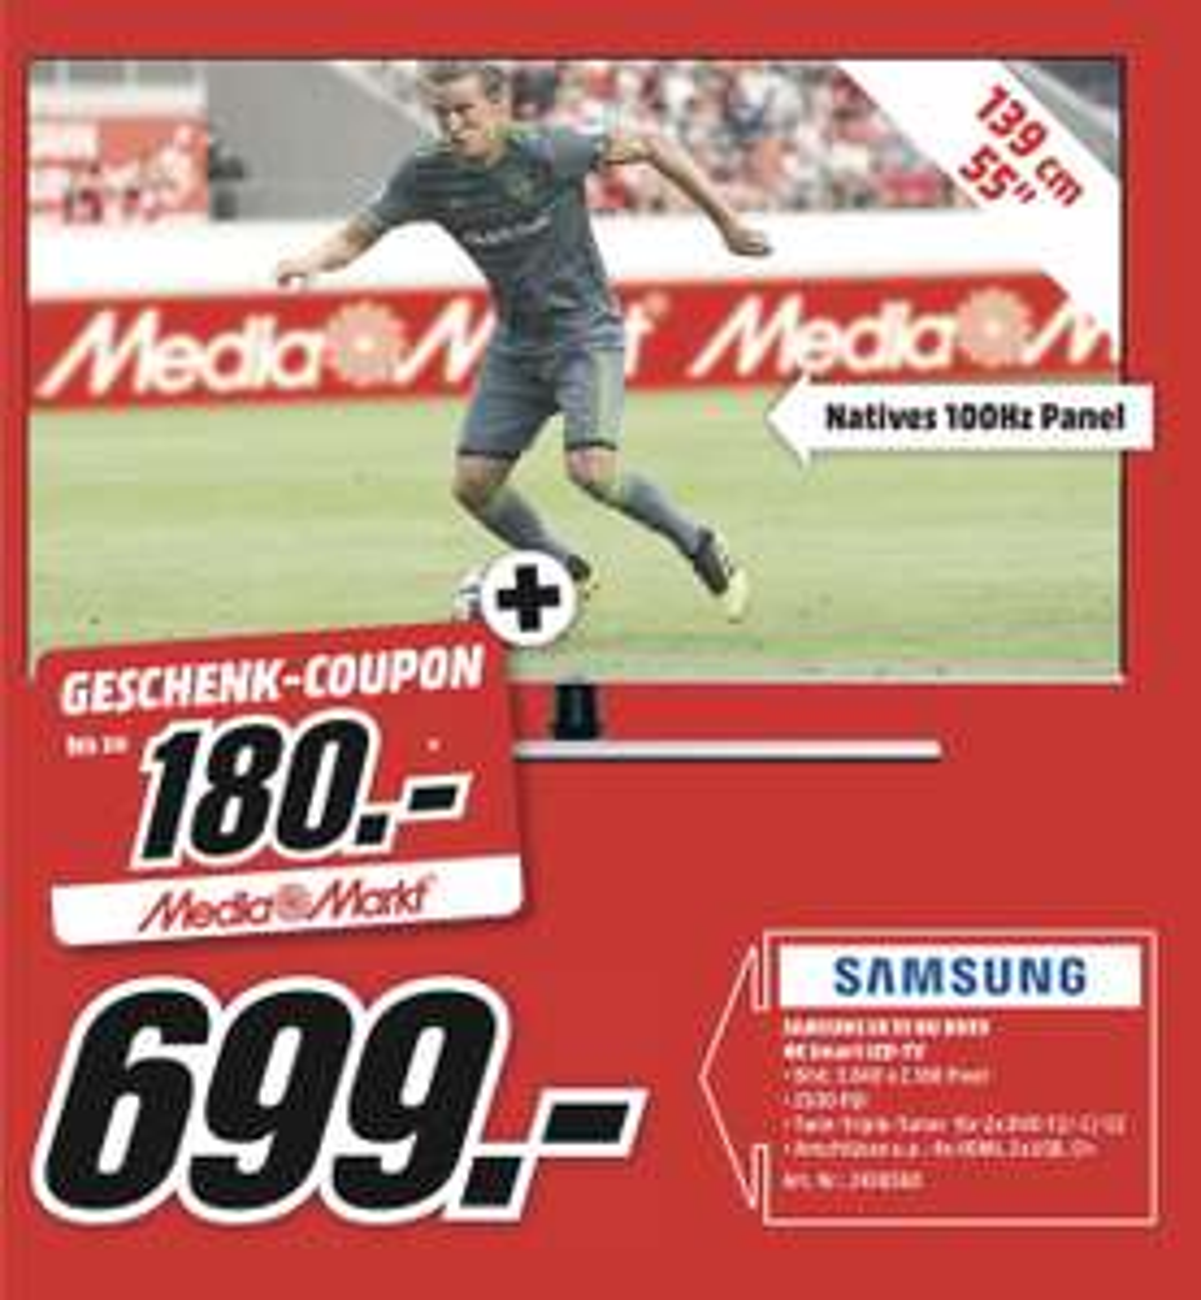 """[Lokal Media Markt Dietzenbach] Samsung UE55NU8009 UHD TV Fernseher 55"""" STROMDEAL!!"""